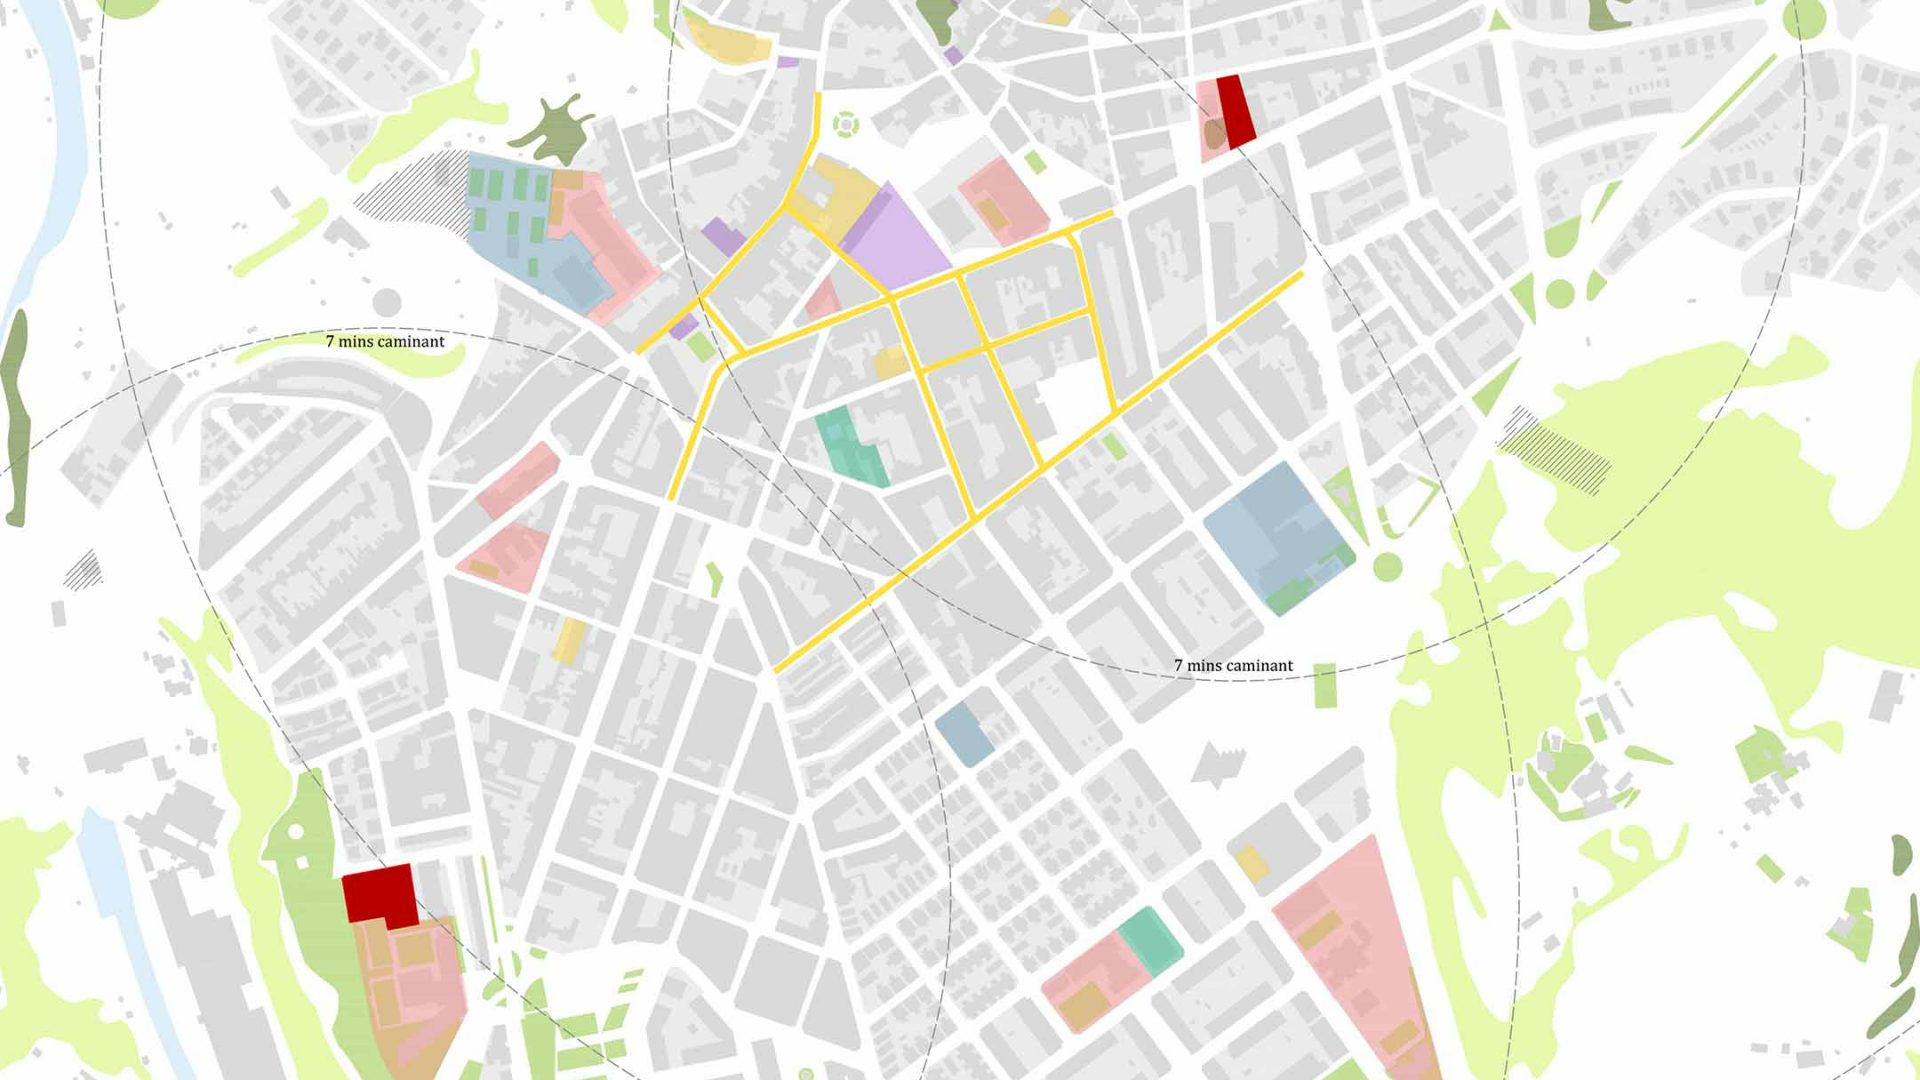 Equipaments, zones verdes i eixos d'activitat comercial.